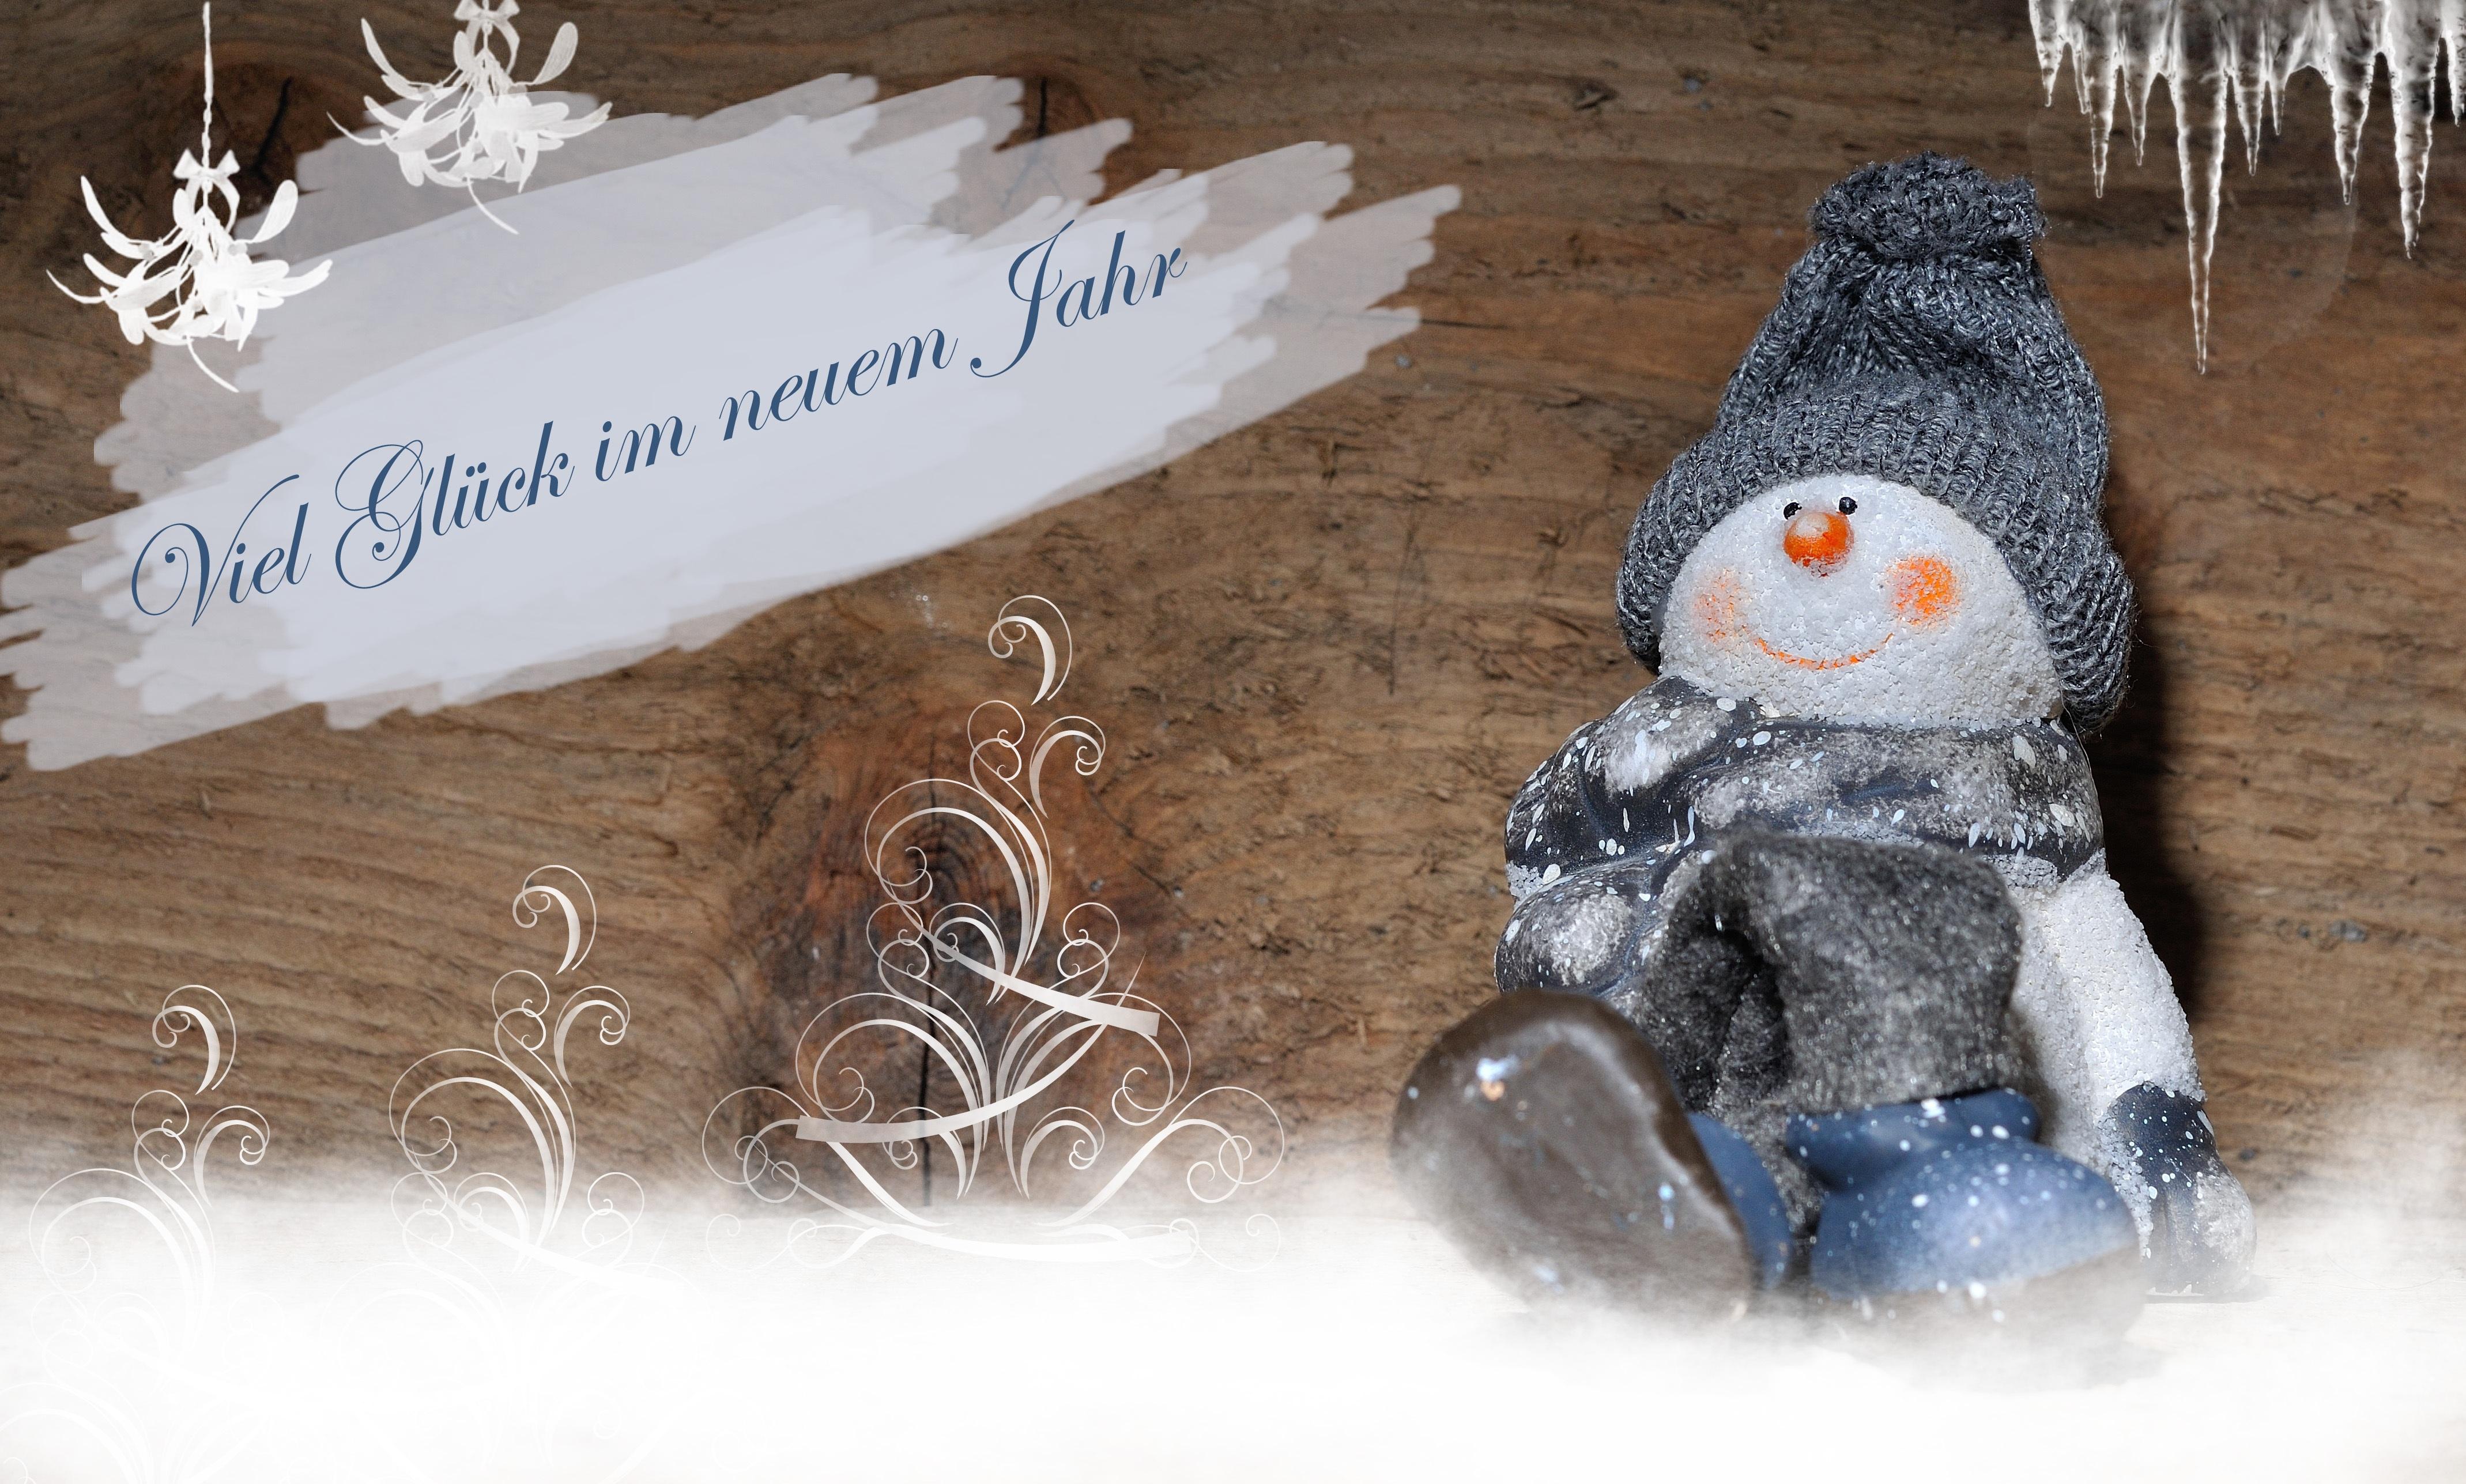 gefeliciteerd sneeuw Gratis Afbeeldingen : winter, hout, wit, blauw, Kerstmis, kerst  gefeliciteerd sneeuw